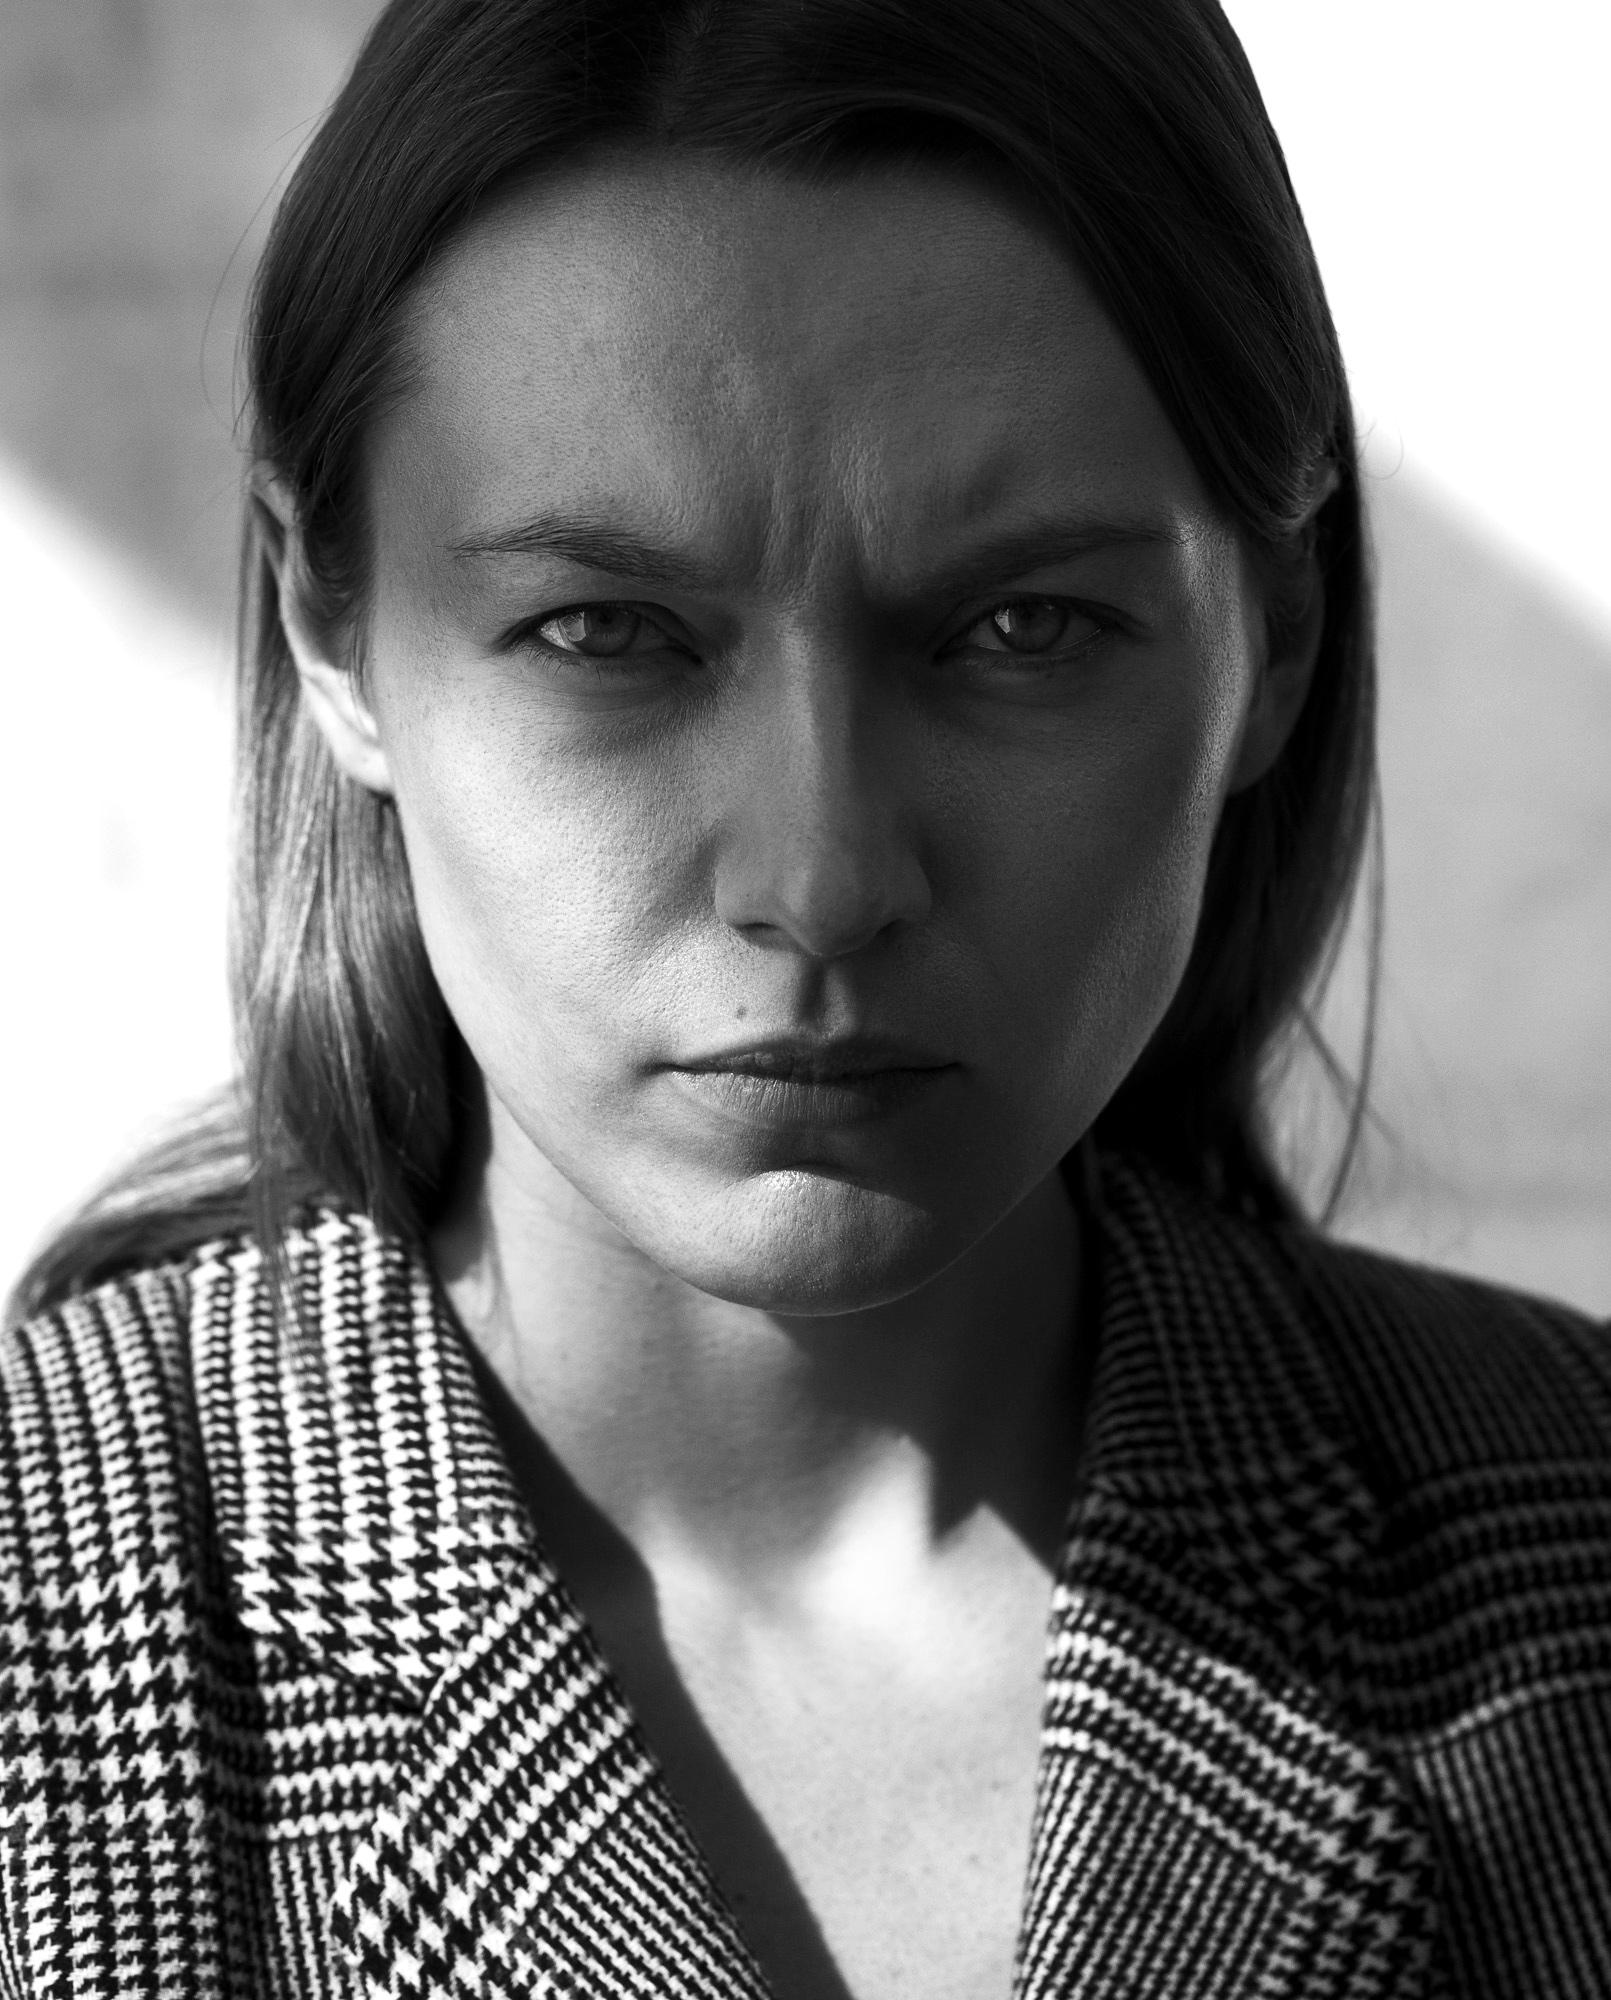 Beata Tiškevič - actor, writer, host at television and radio shows.